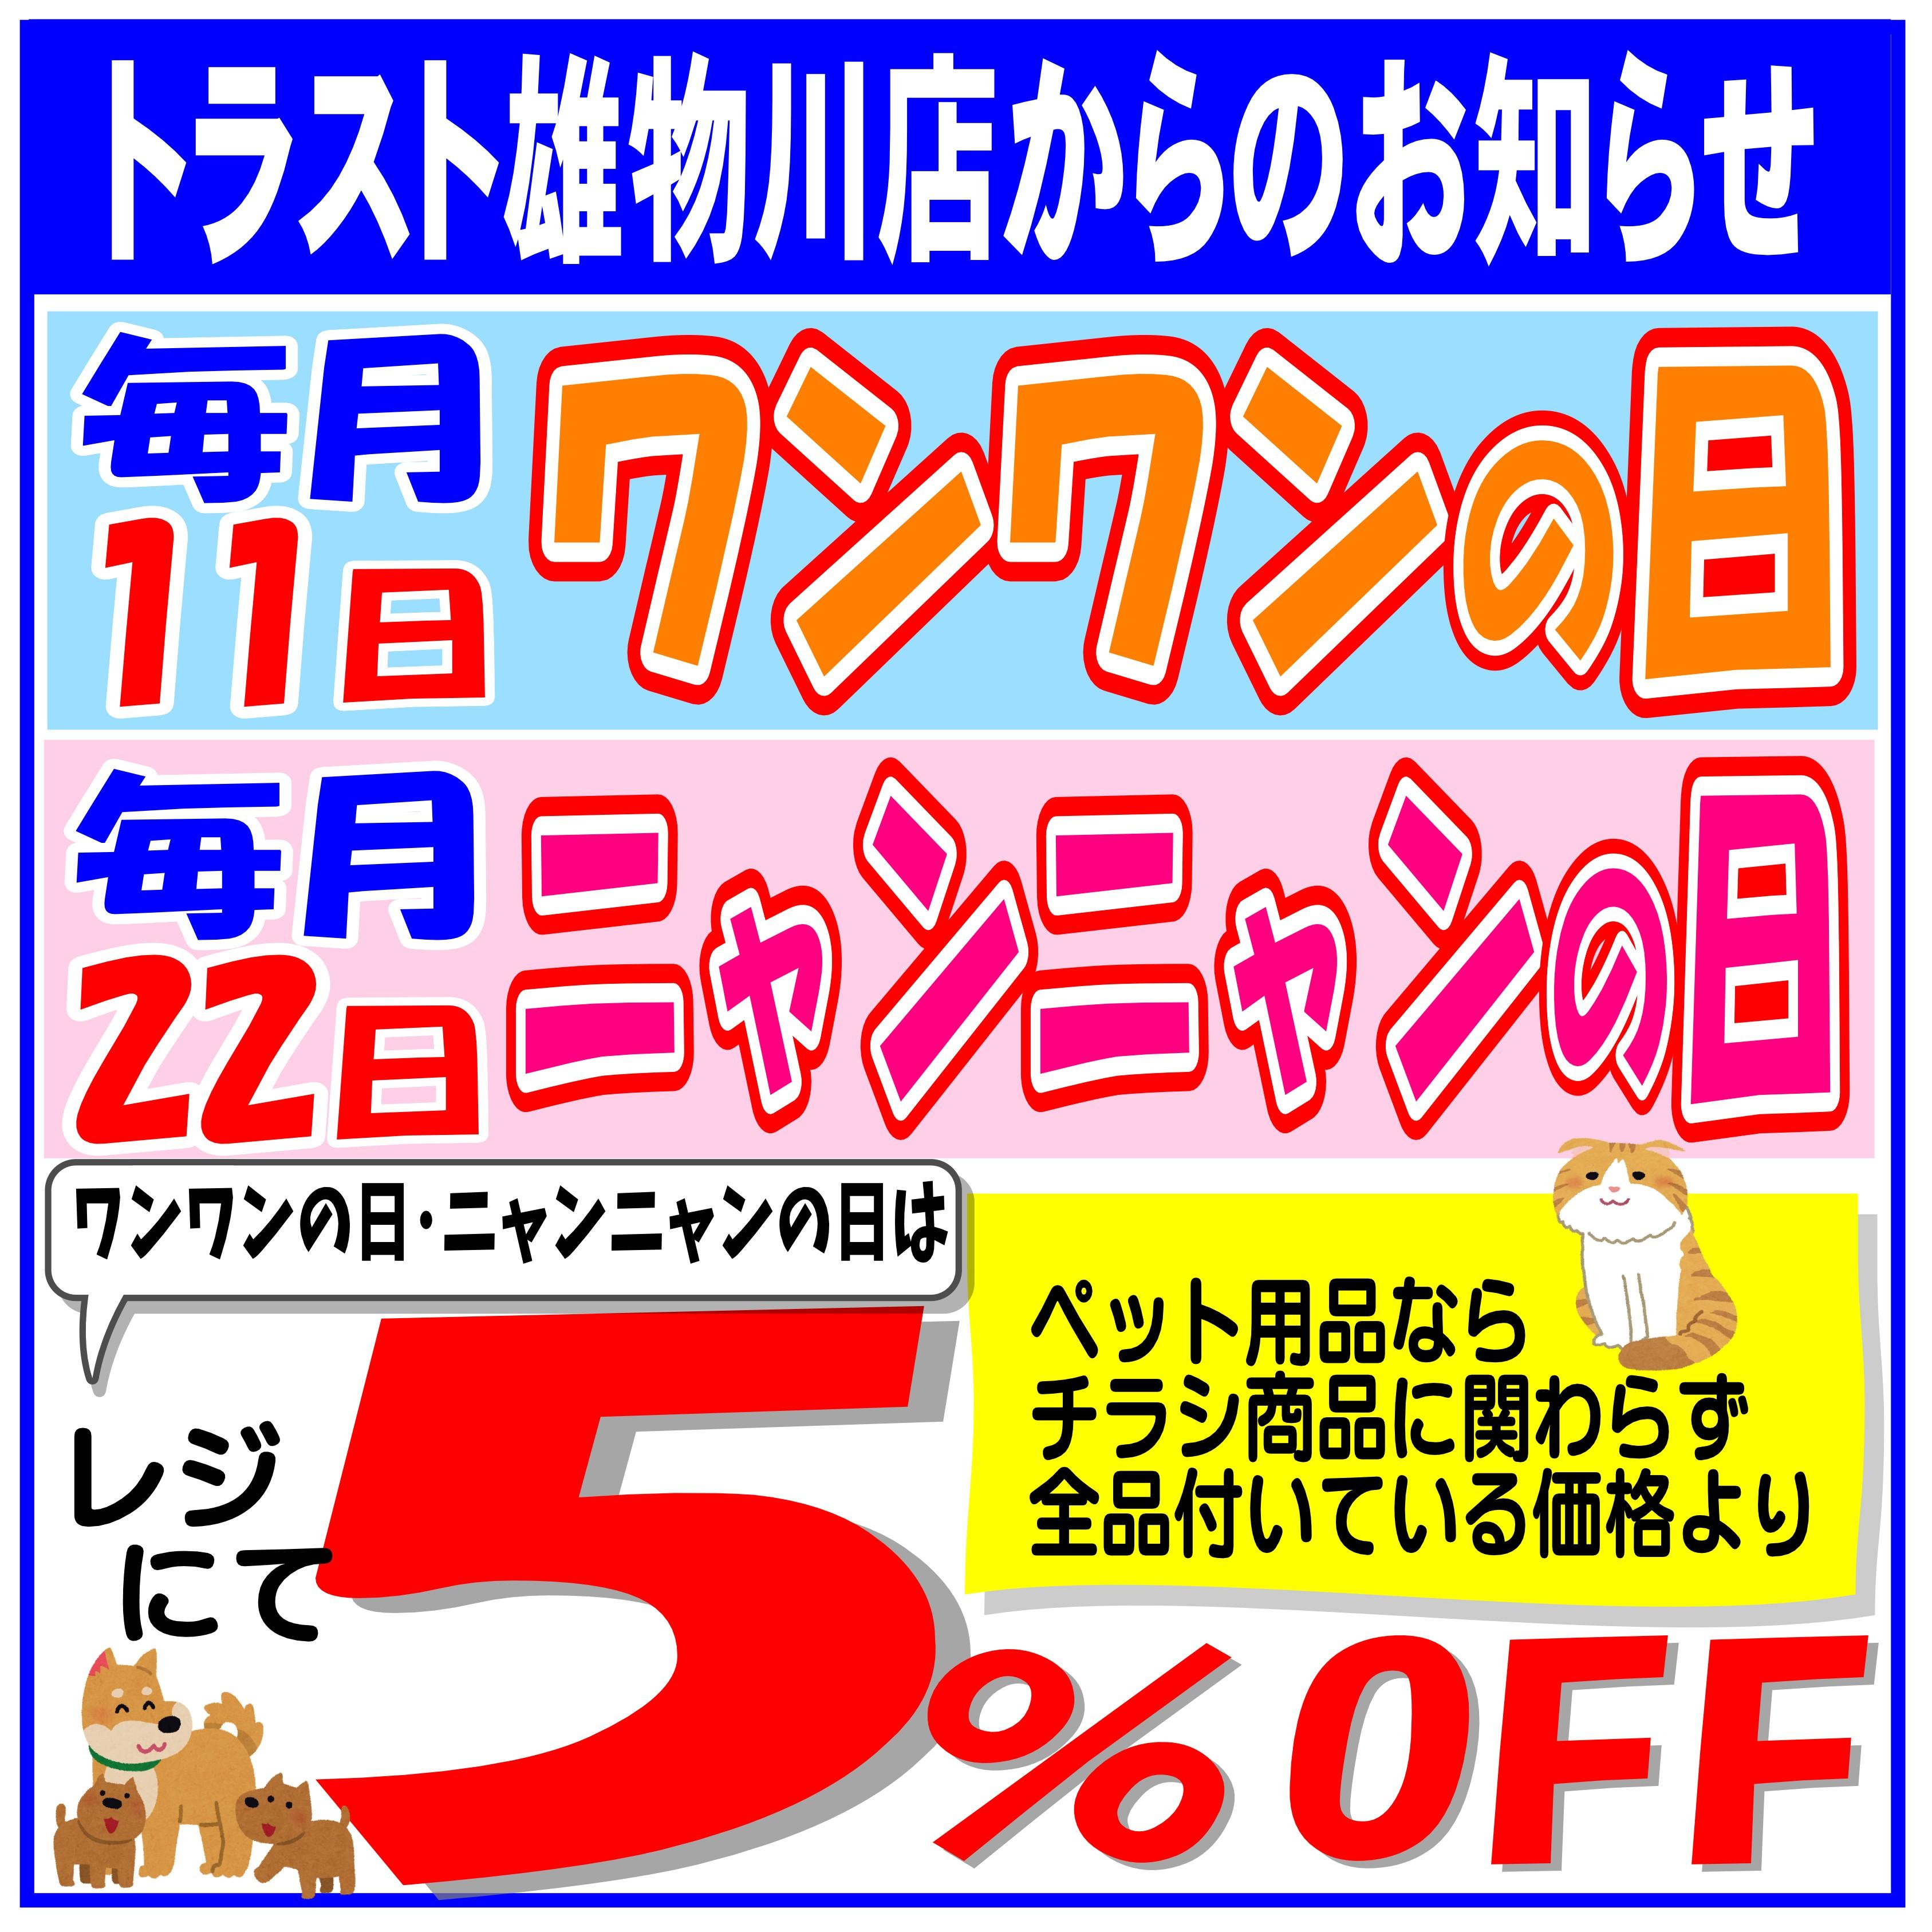 【トラスト雄物川店】毎月11日・22日はワンワンの日・ニャンニャンの日